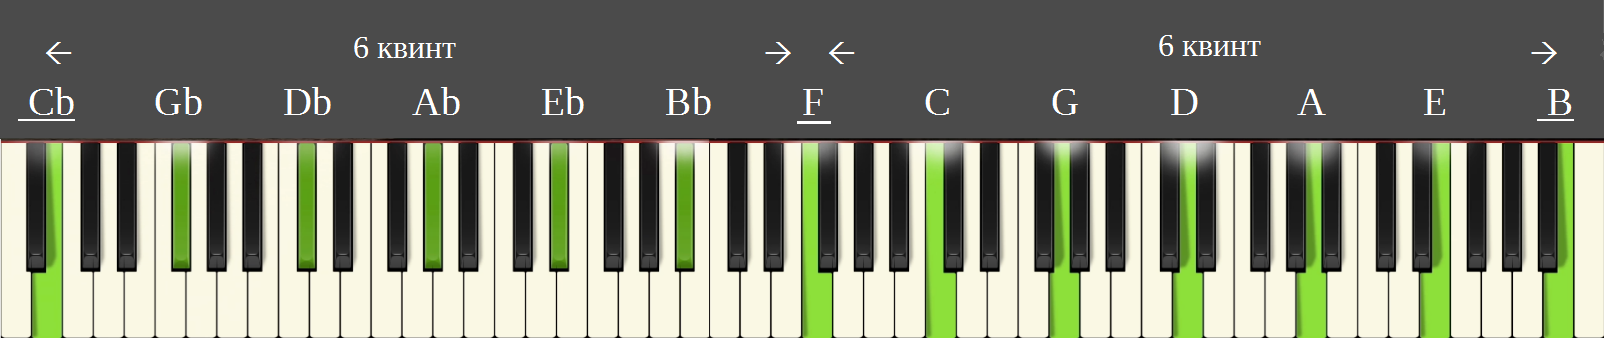 Энгармонические звуки Cb-B находятся друг от друга на расстоянии 12 квинтовых шагов